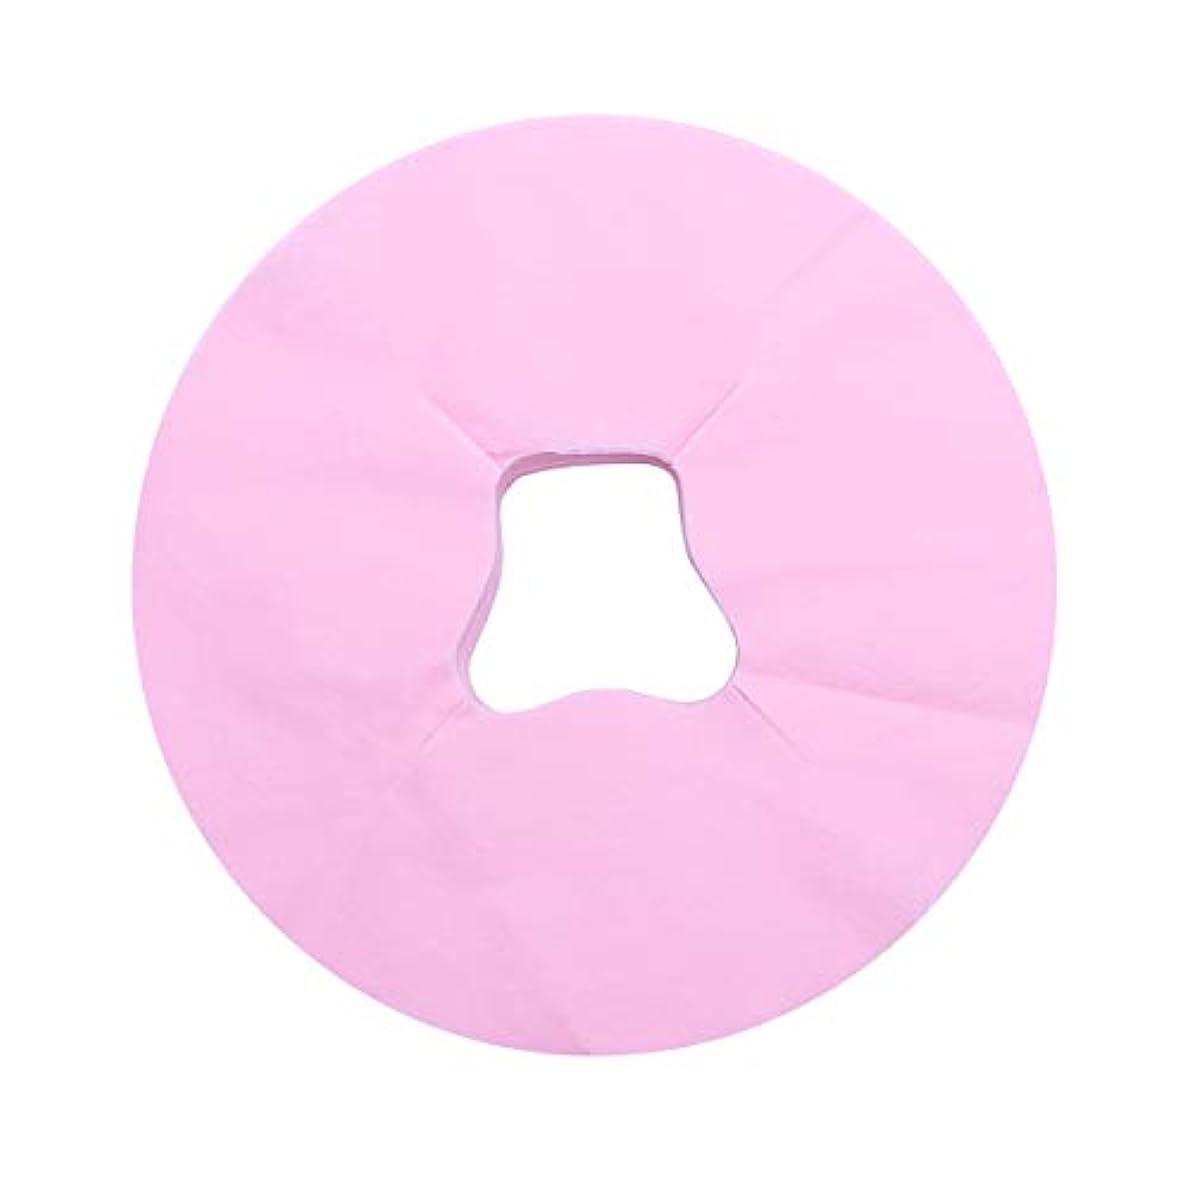 注入発火する狐Healifty 100ピース使い捨てフェイスマッサージカバーパッドフェイスホールピロークッションマットサロンスパフェイシャルベッドヘッドレスト枕シート(ピンク)